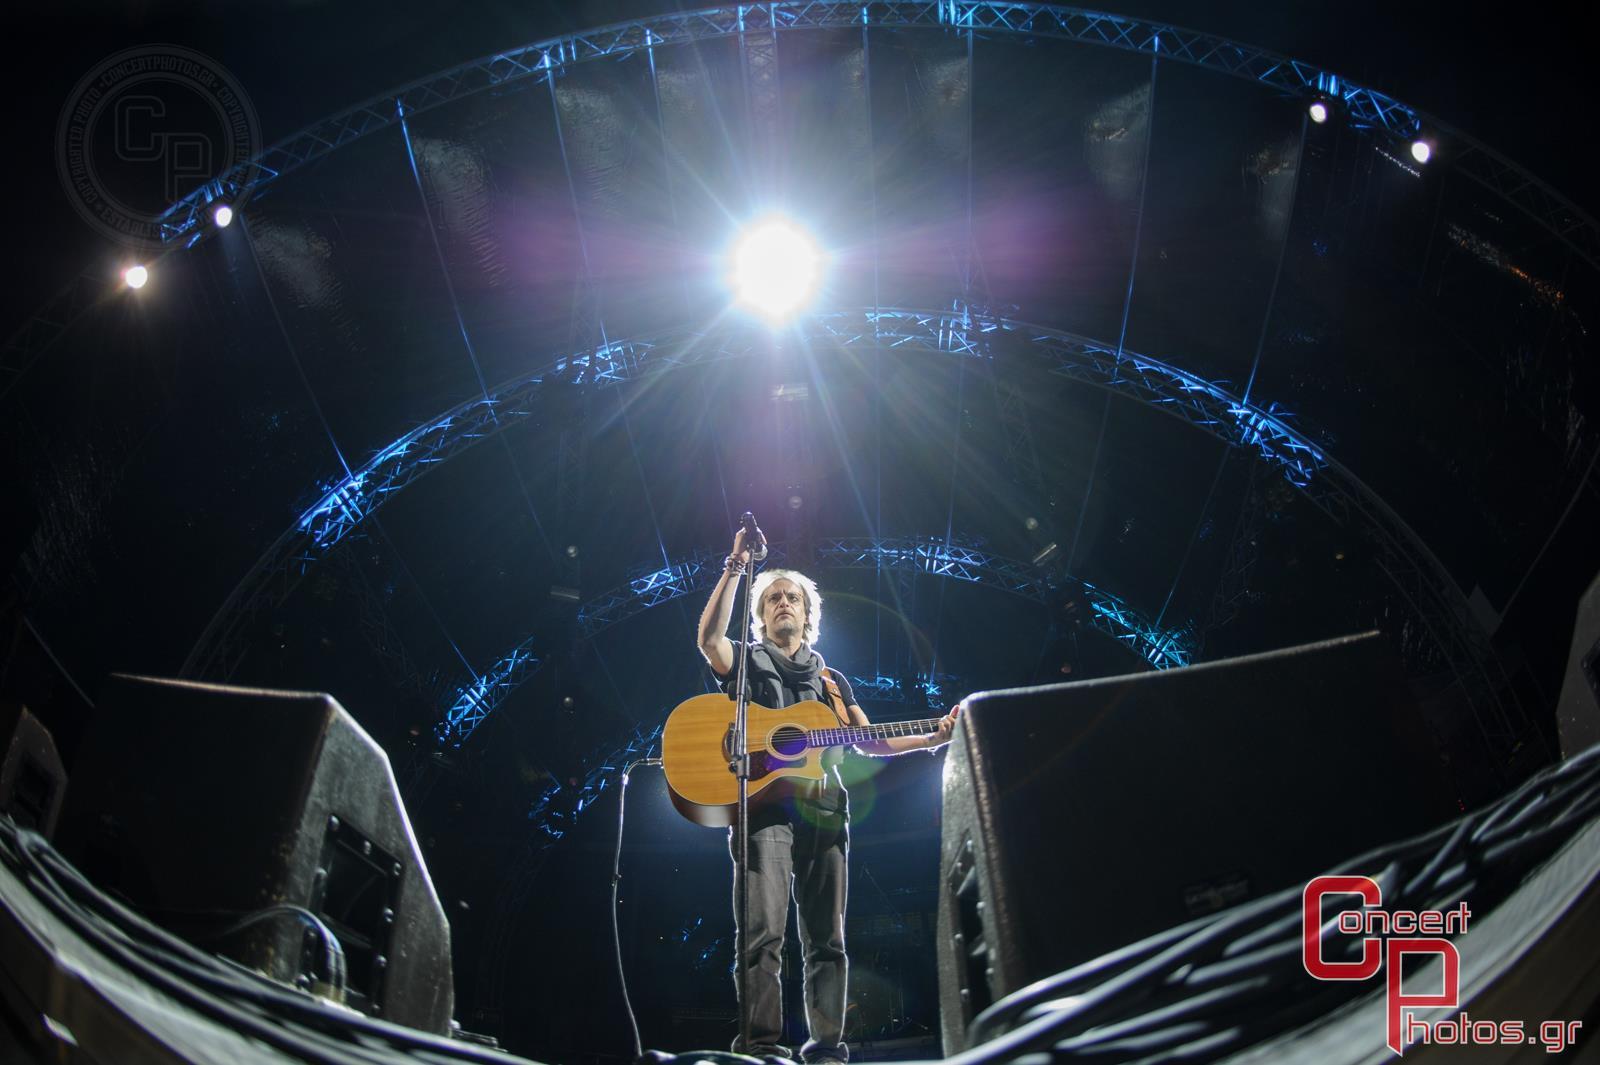 Μία συναυλία για τη Σχεδία 2014-Sxedia 2014 photographer:  - concertphotos_20140526_21_25_21